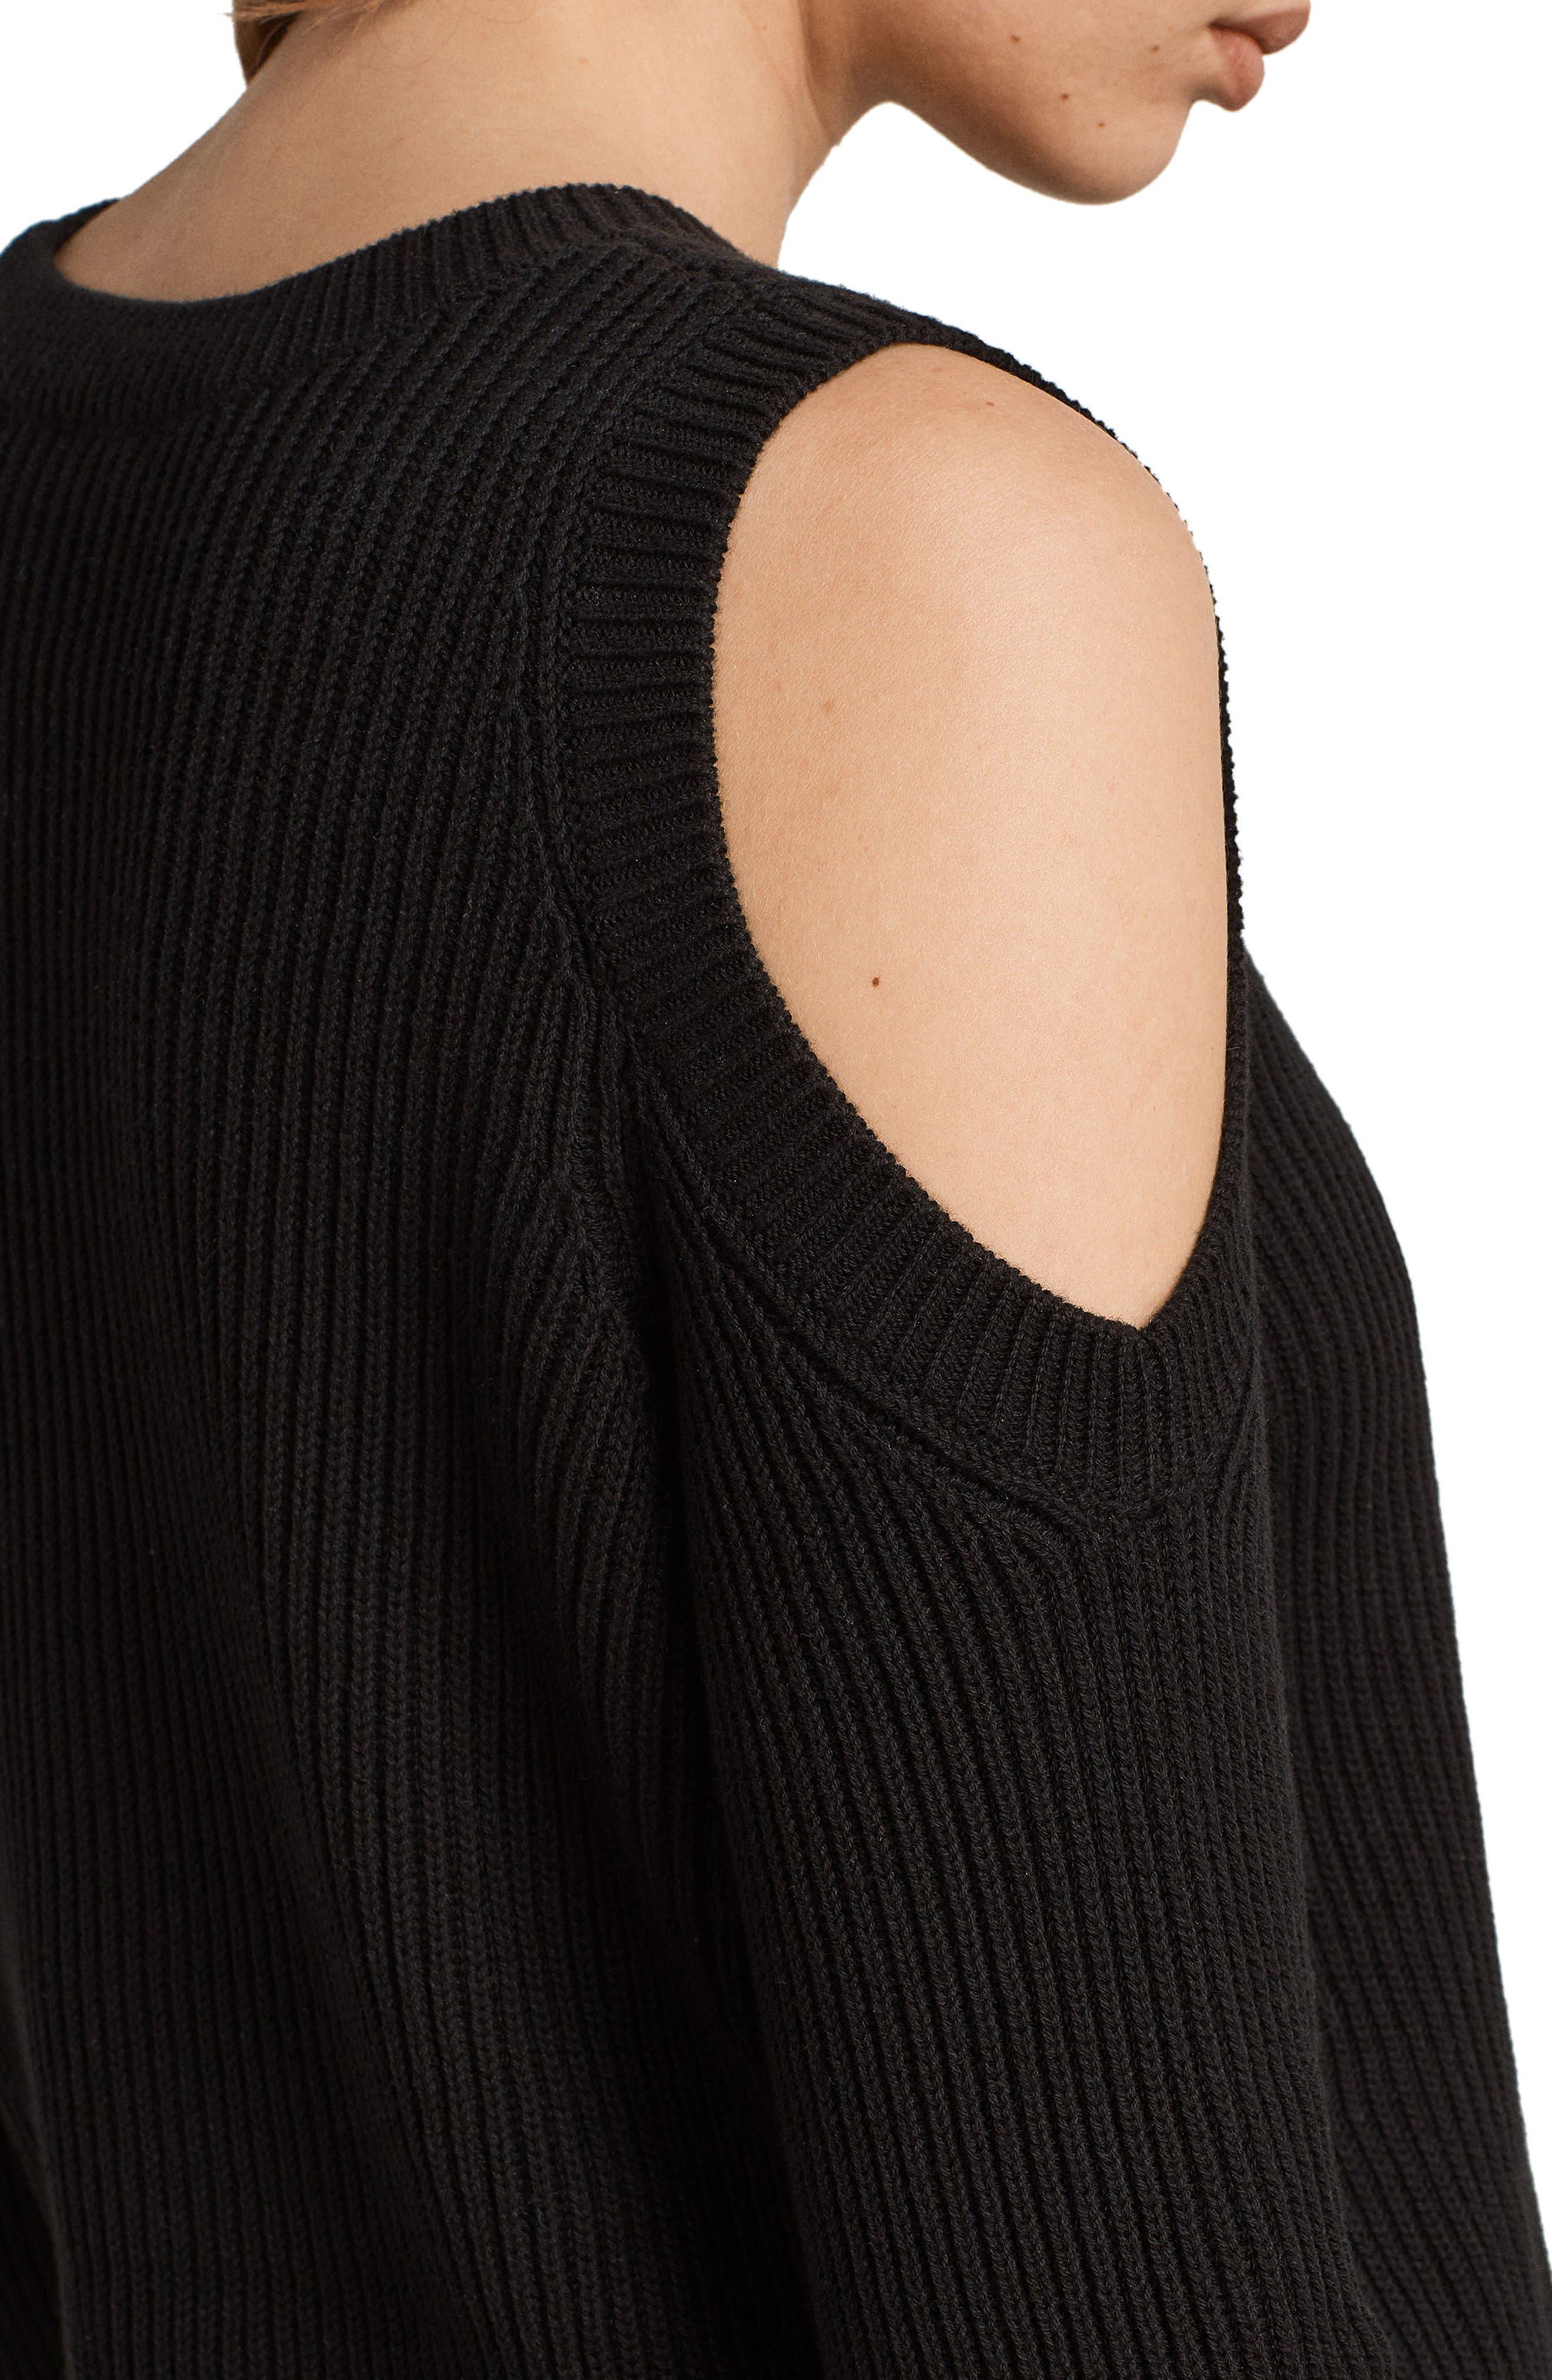 Pepper Cold Shoulder Sweater,                             Alternate thumbnail 4, color,                             Black